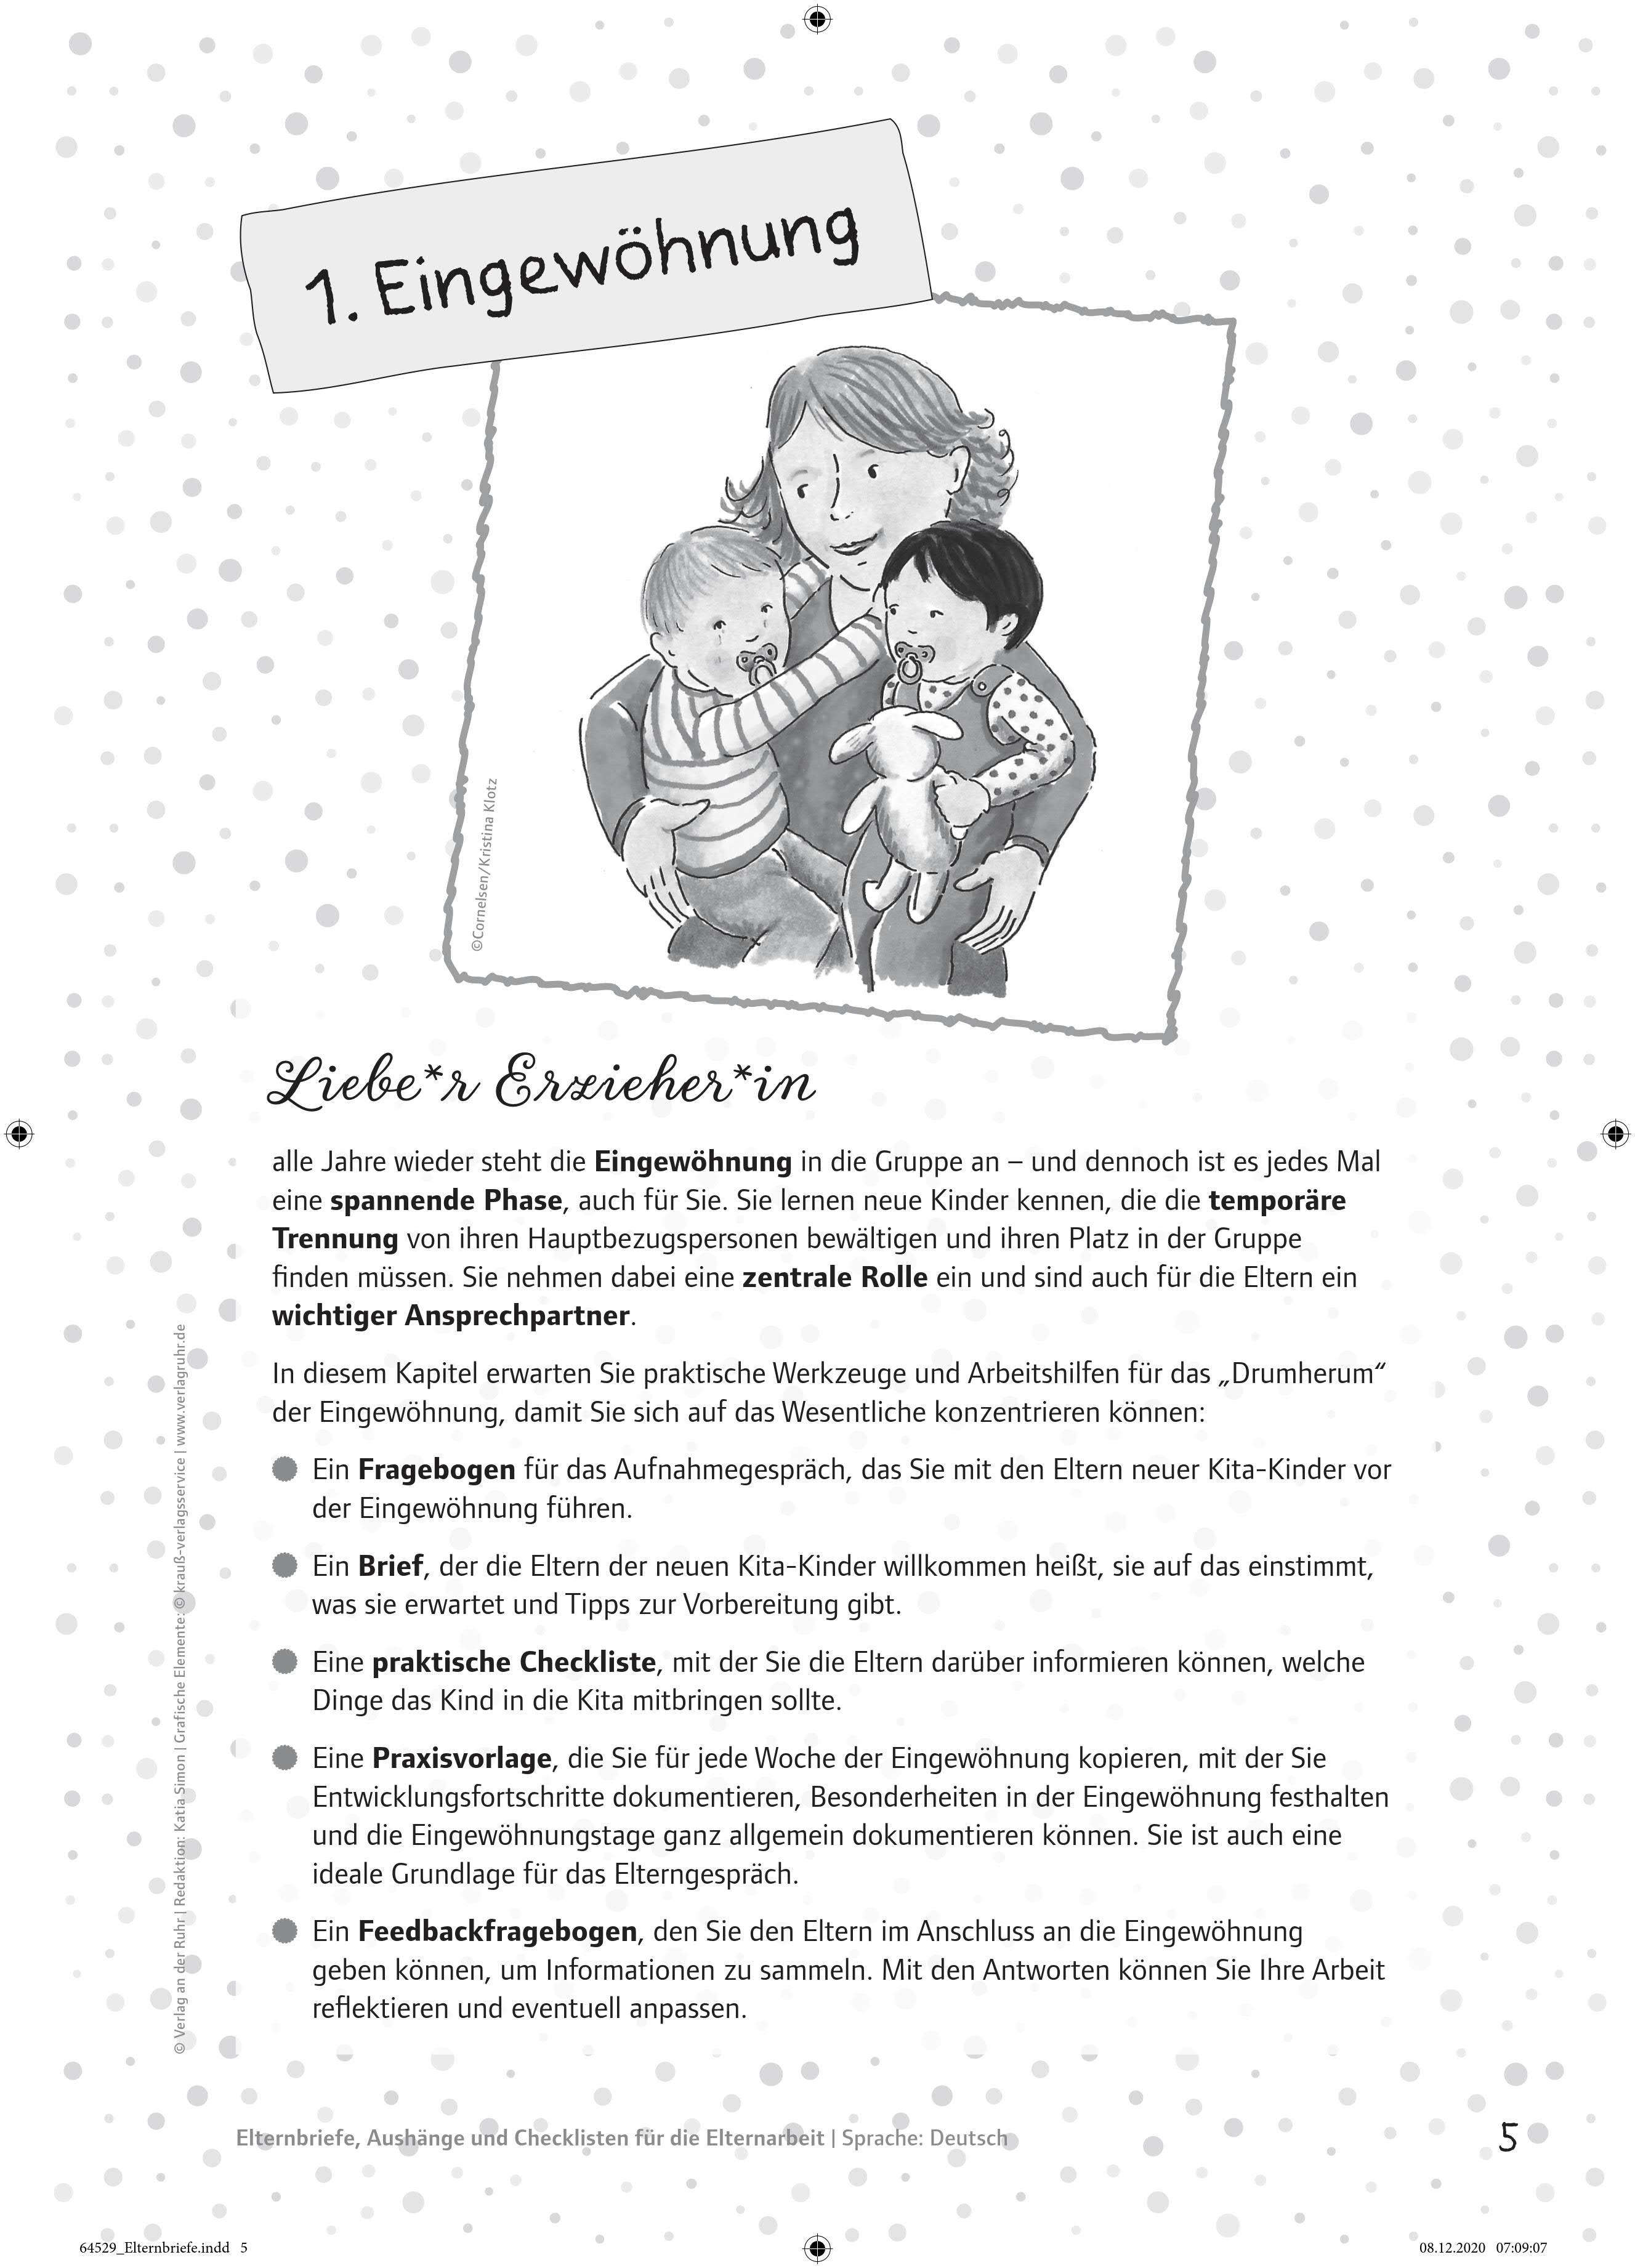 Innenansicht zu Perfekt organisiert im Kita-Alltag: Elternbriefe, Aushänge und Checklisten für die Elternarbeit